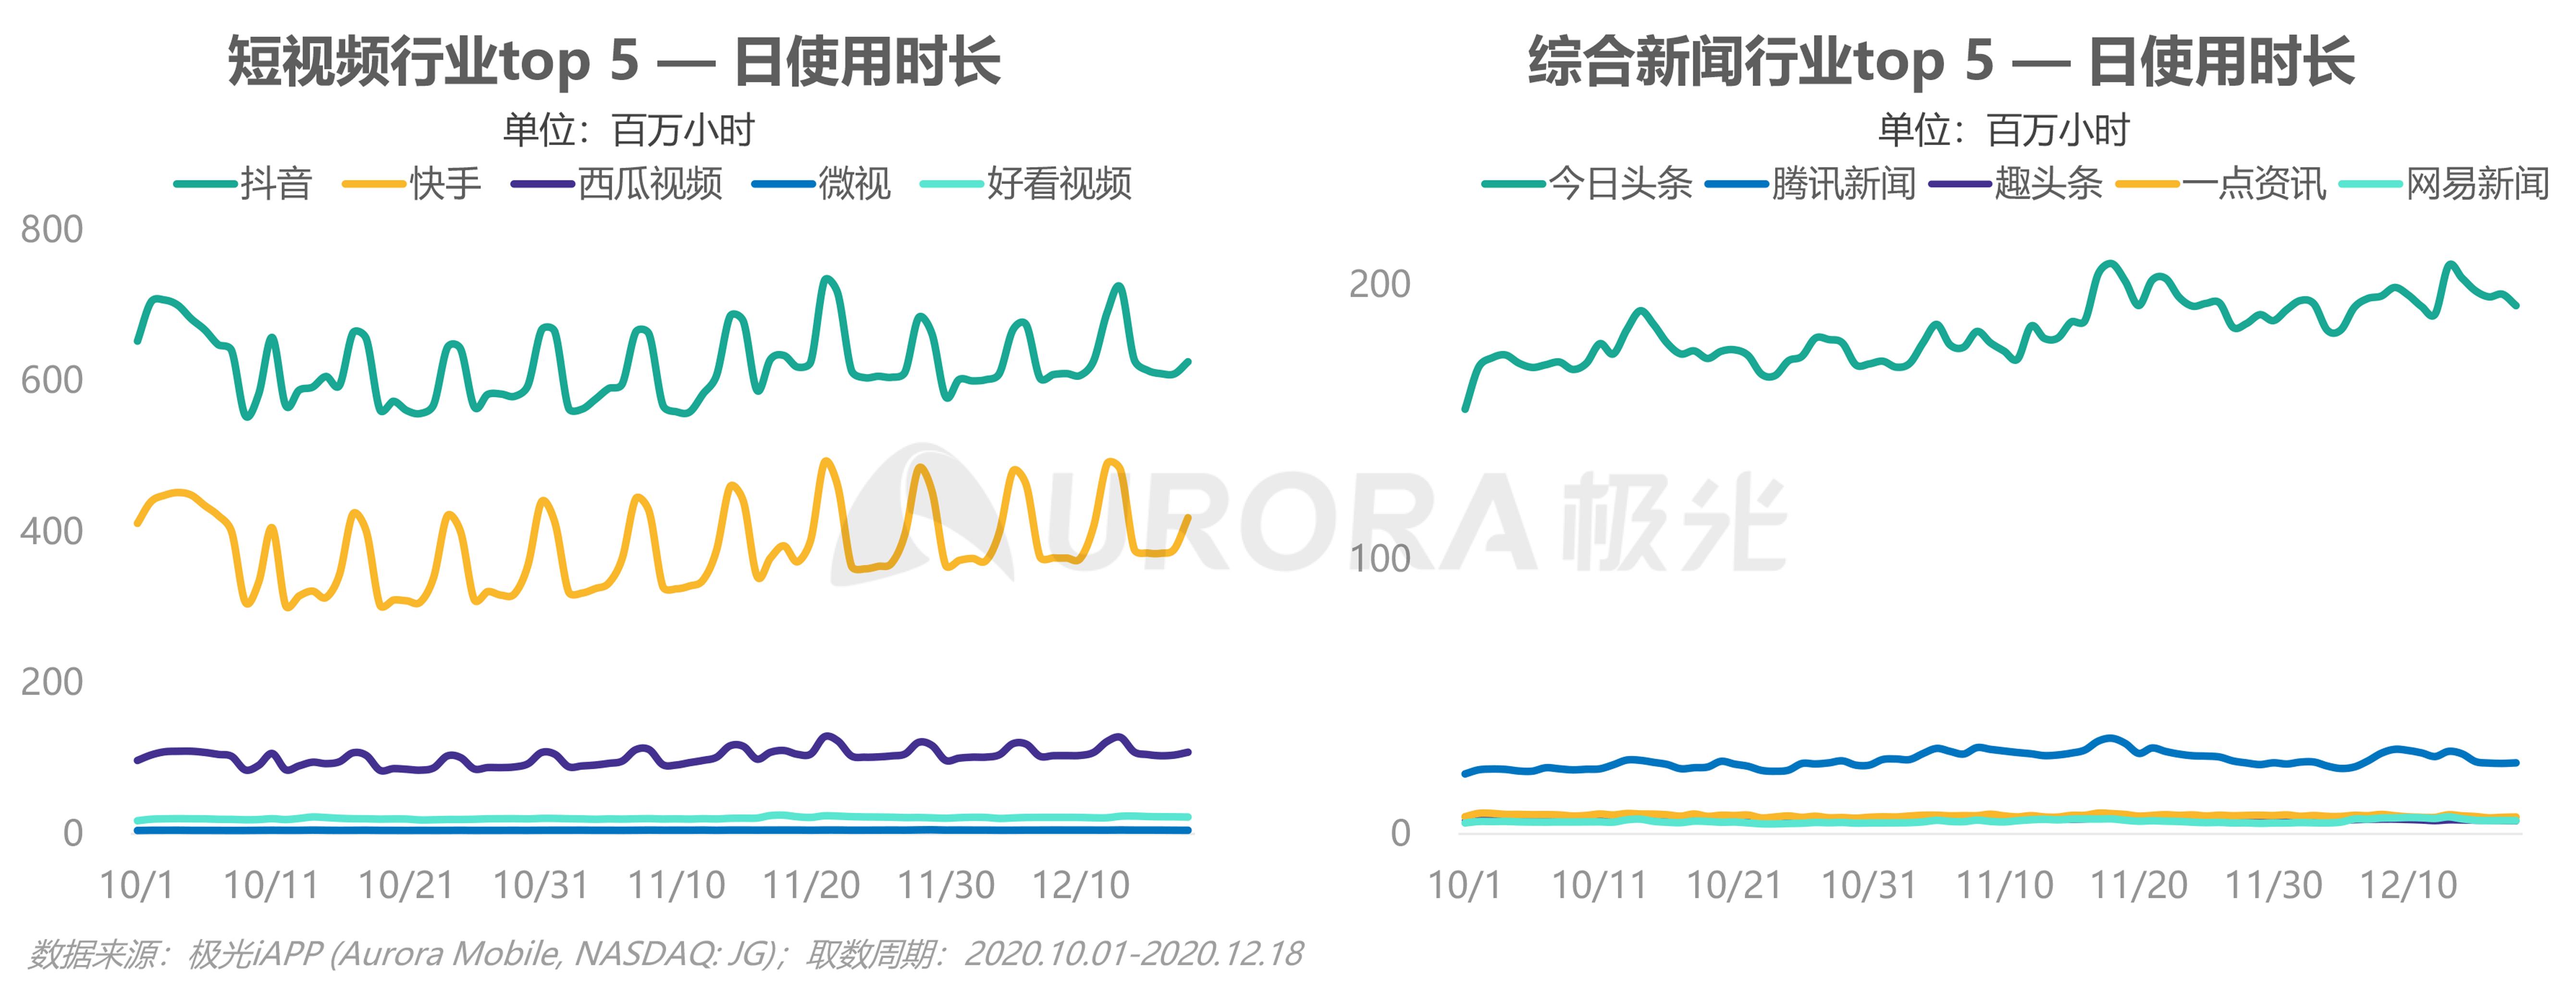 极光:内容生态搜索趋势报告png (22).png